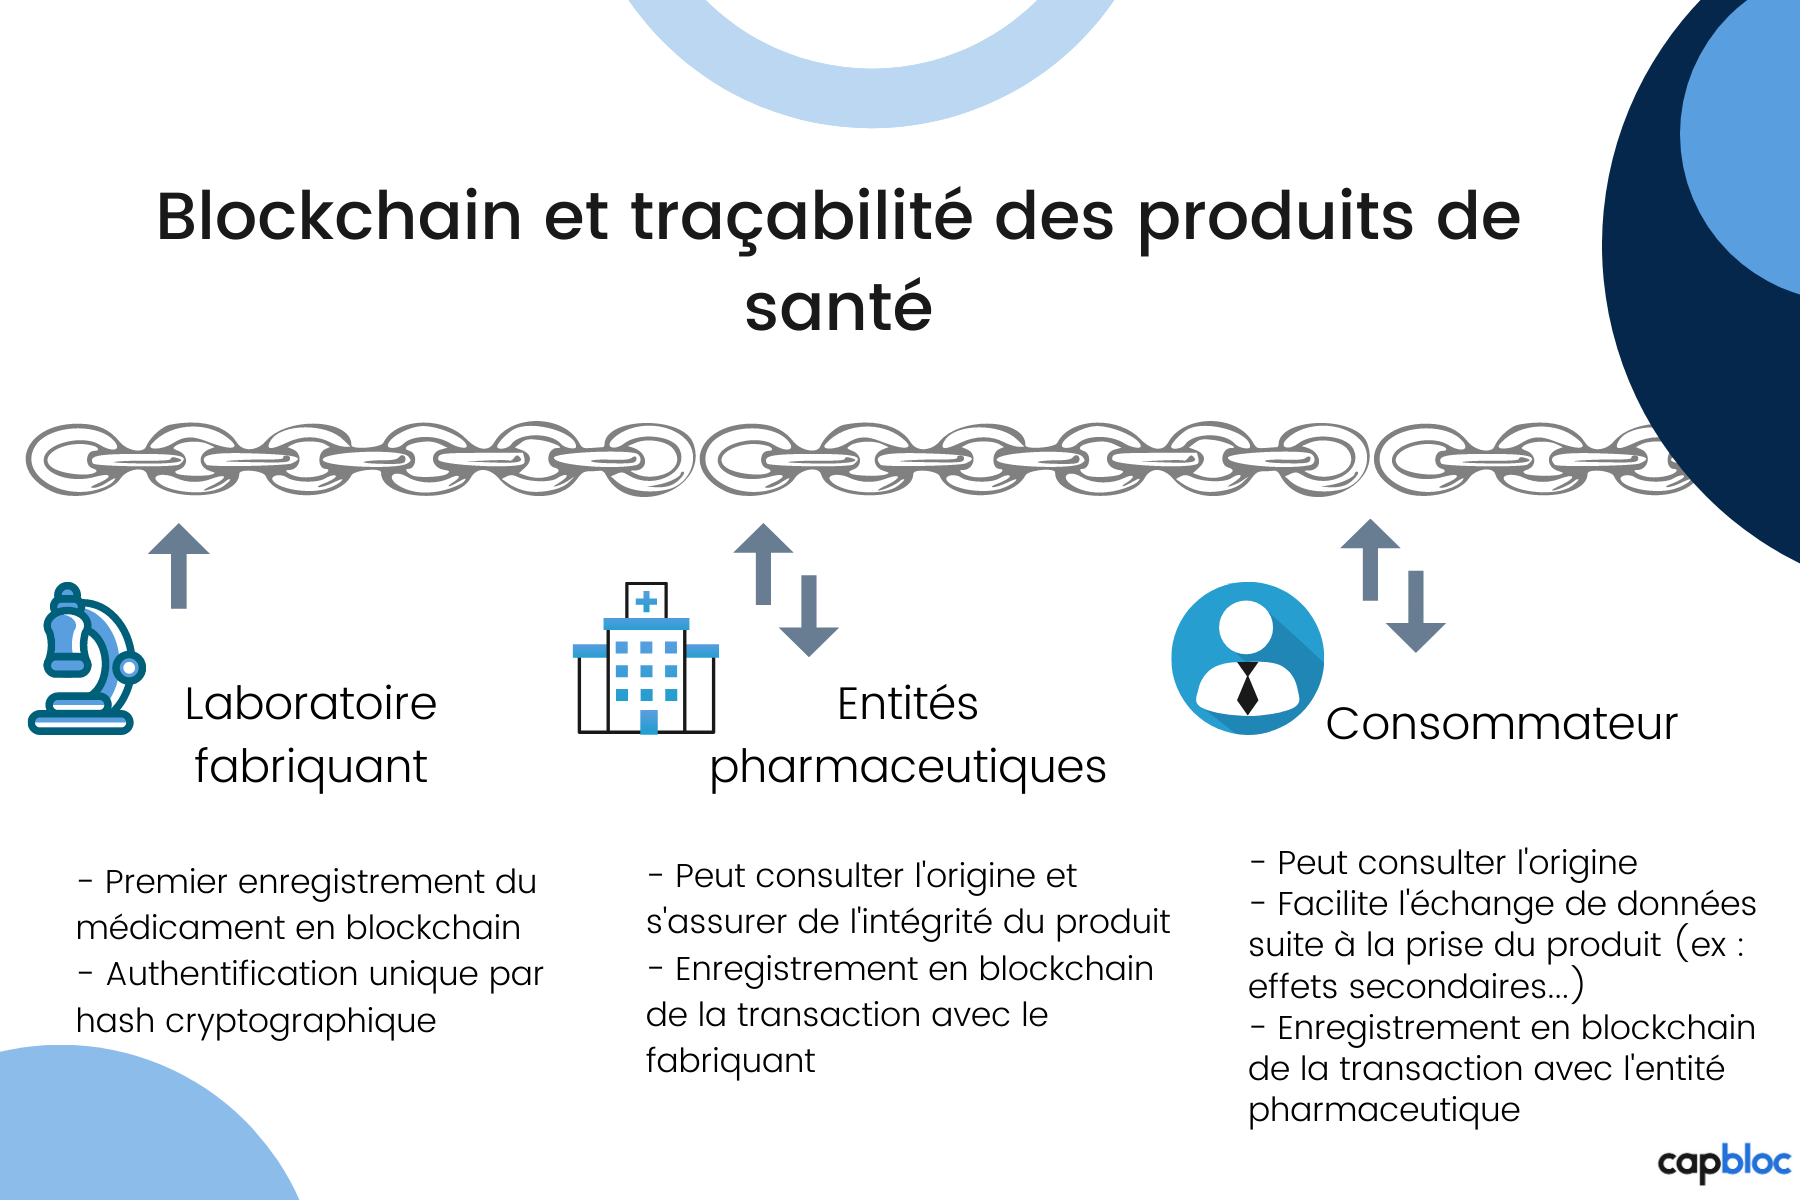 Blockchain et traçabilité des produits médicaux